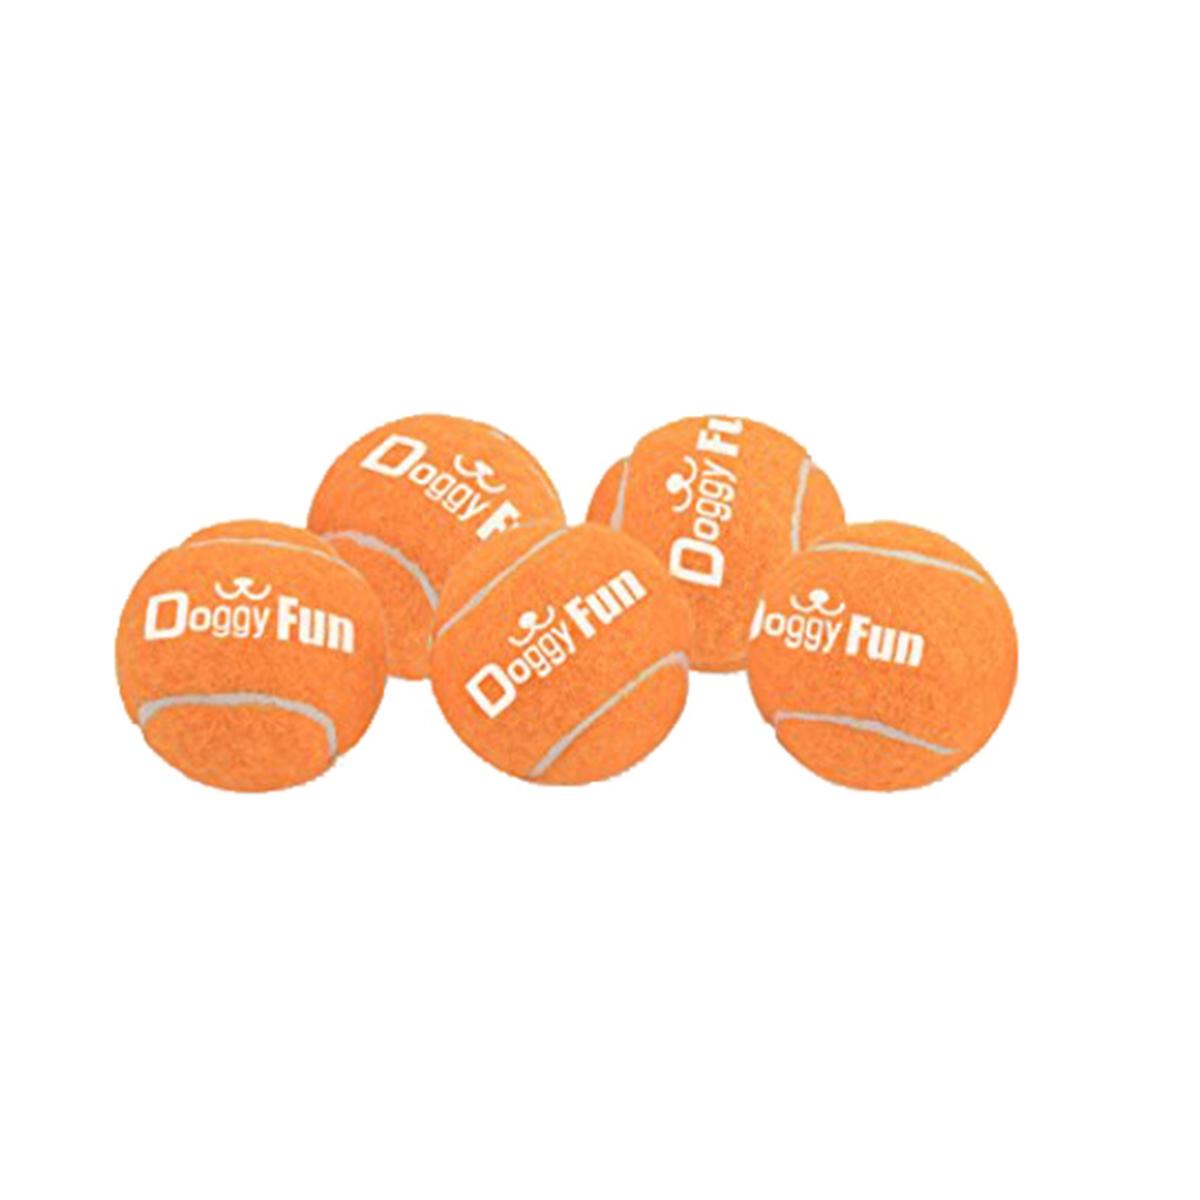 Doggy fun balls 5-pack oranje